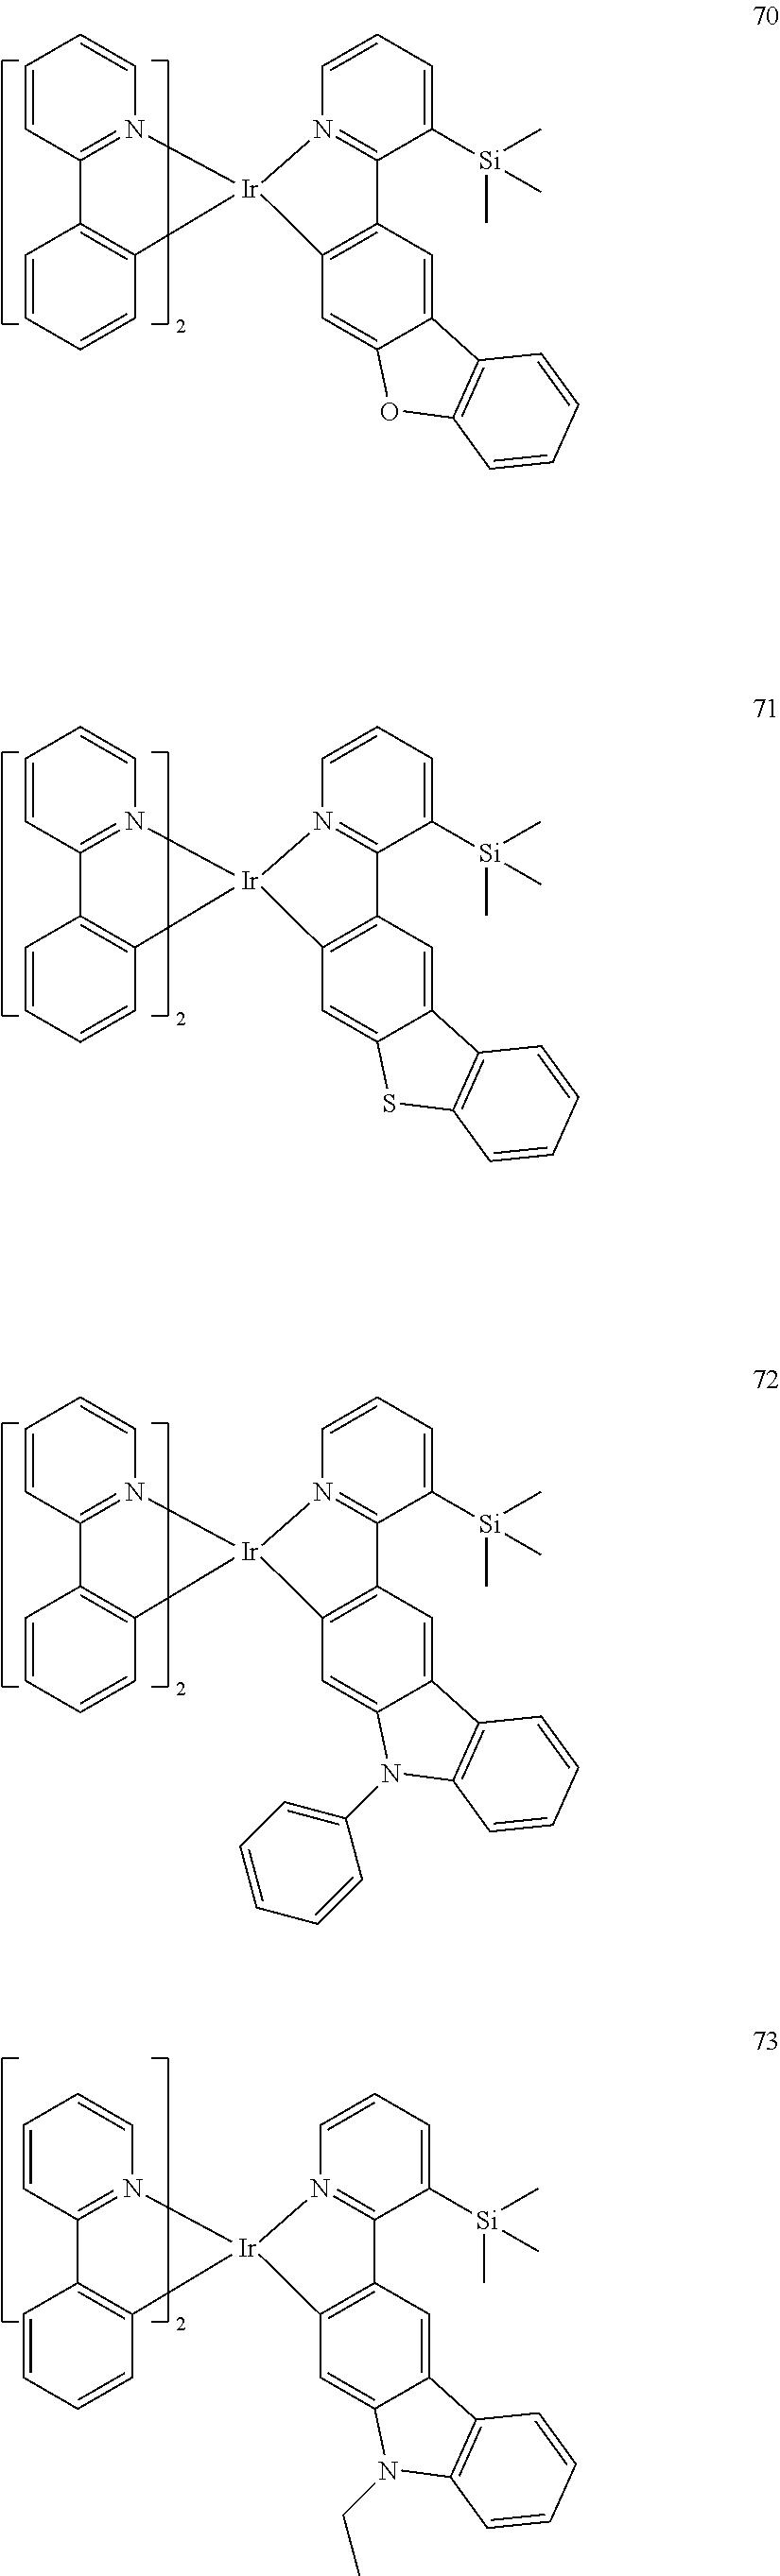 Figure US20160155962A1-20160602-C00079